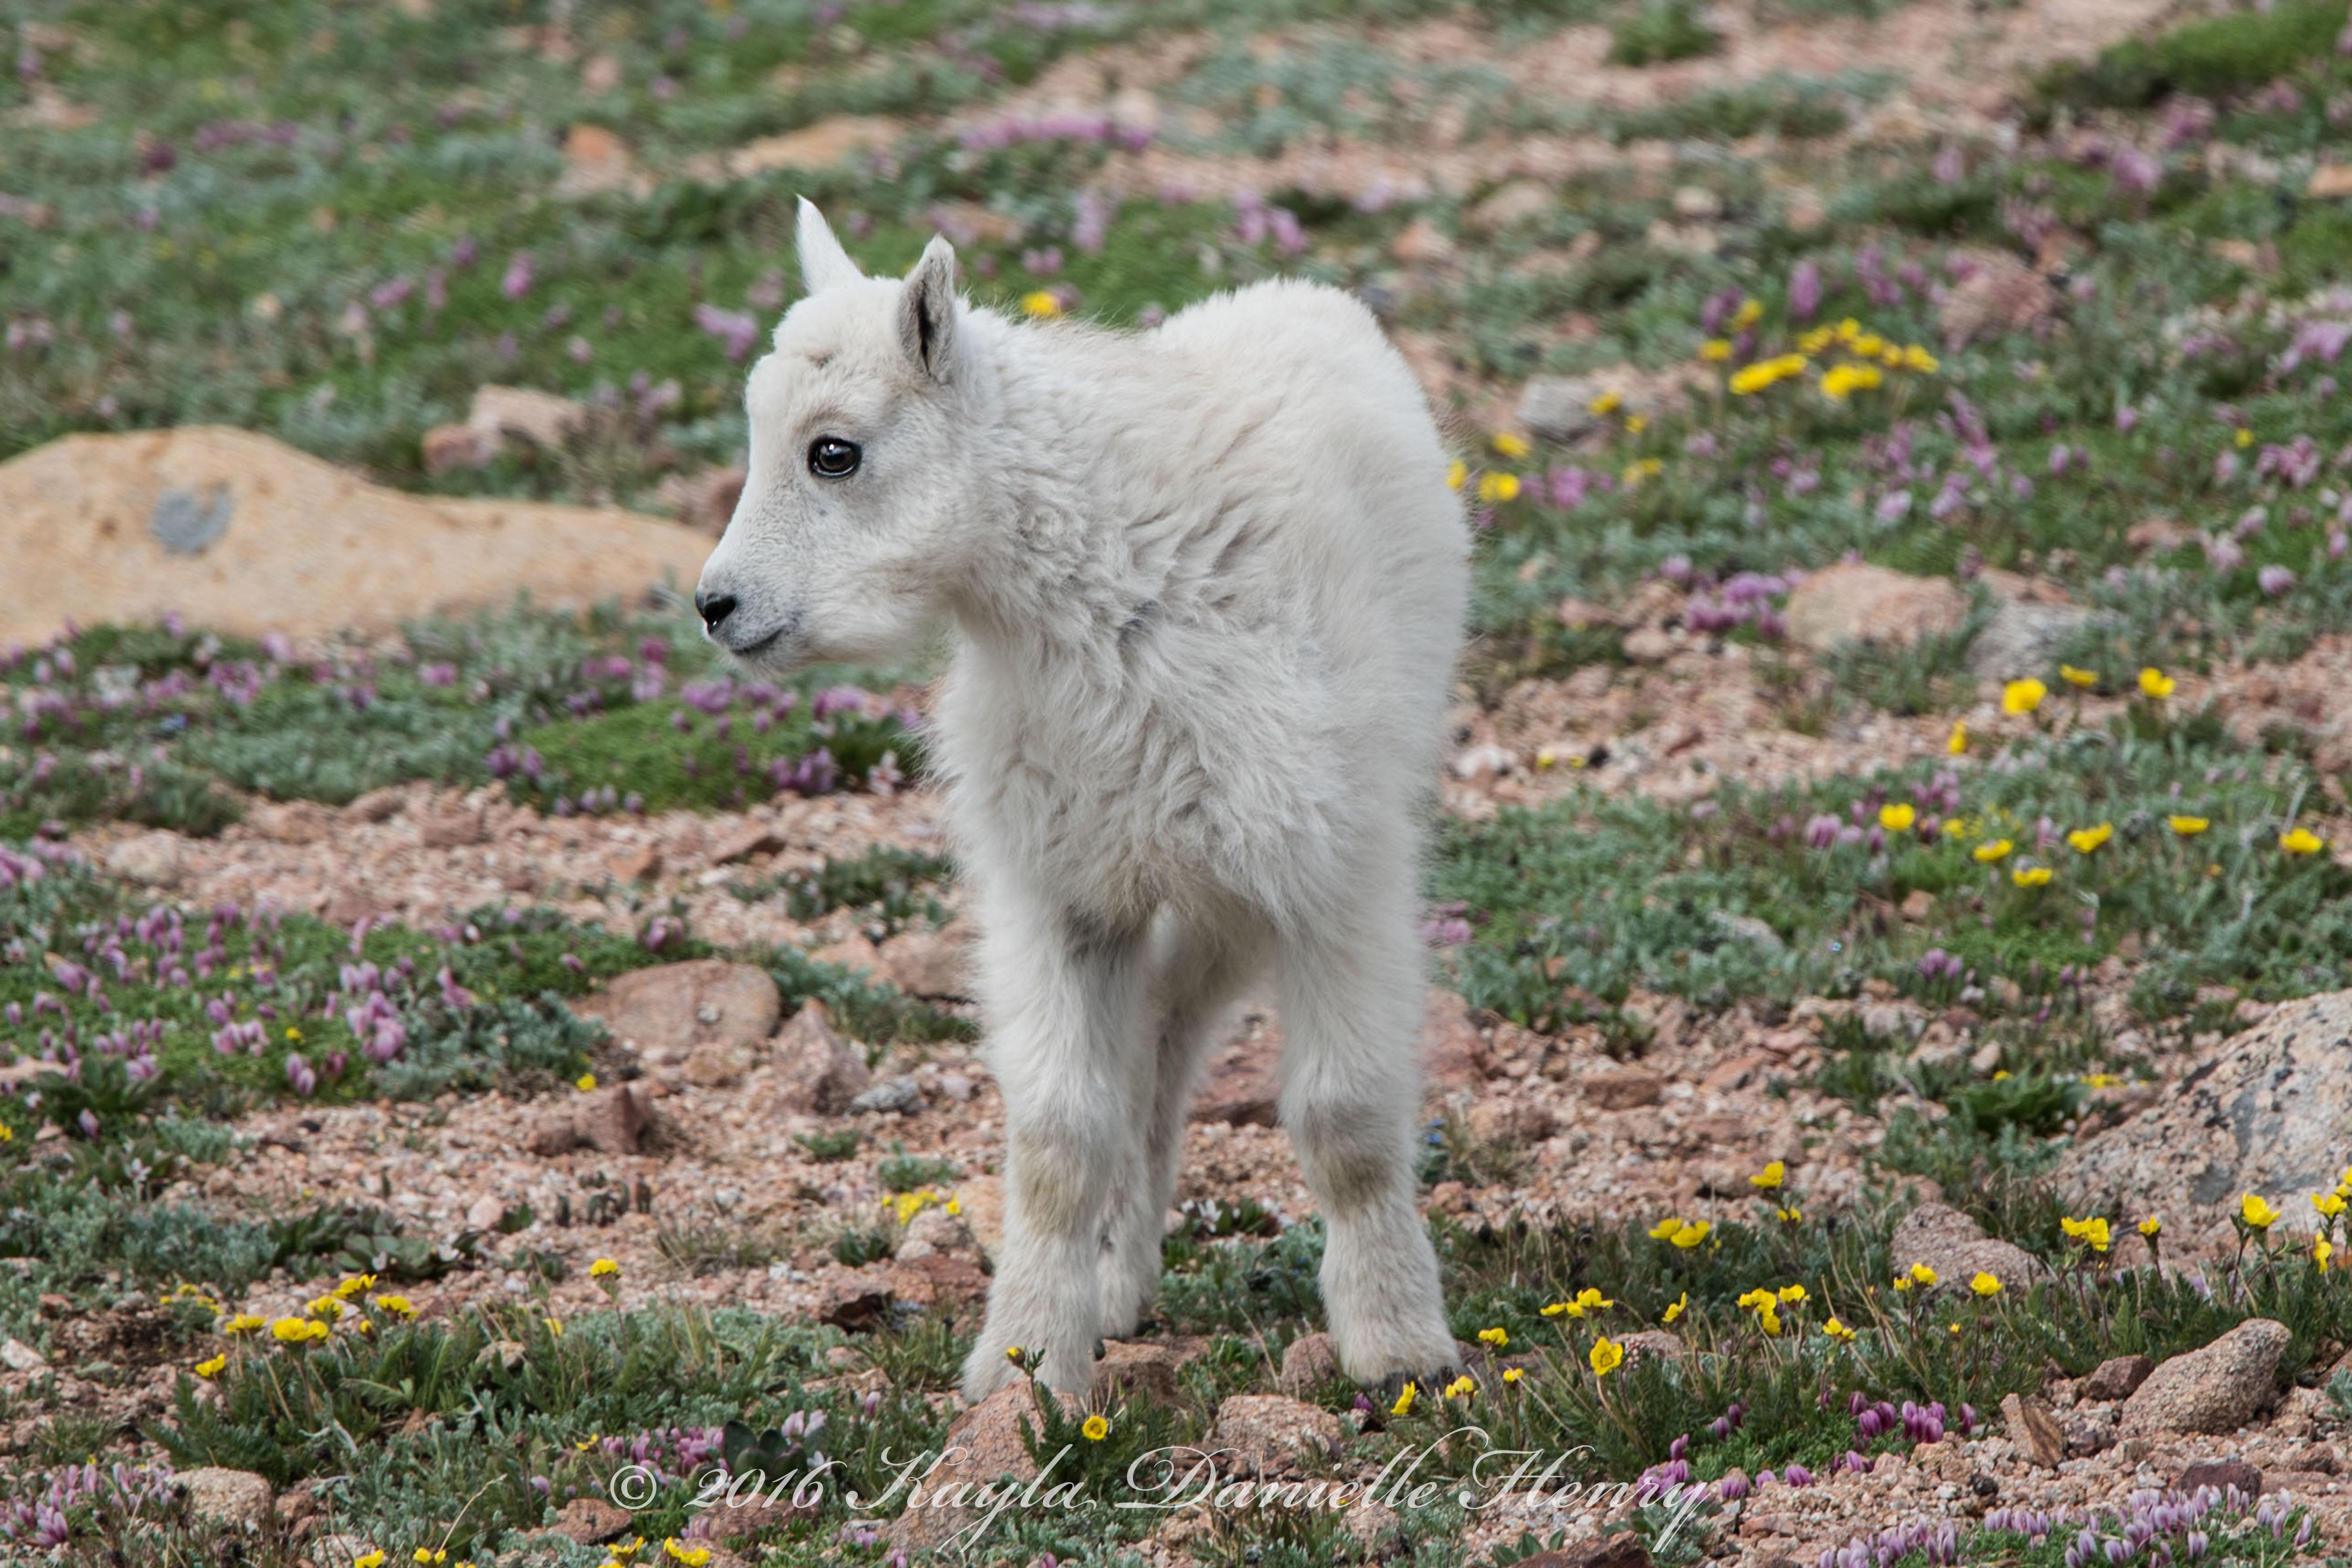 Baby Goat DSC_4405 30x20-Quick Preset_5820x3880